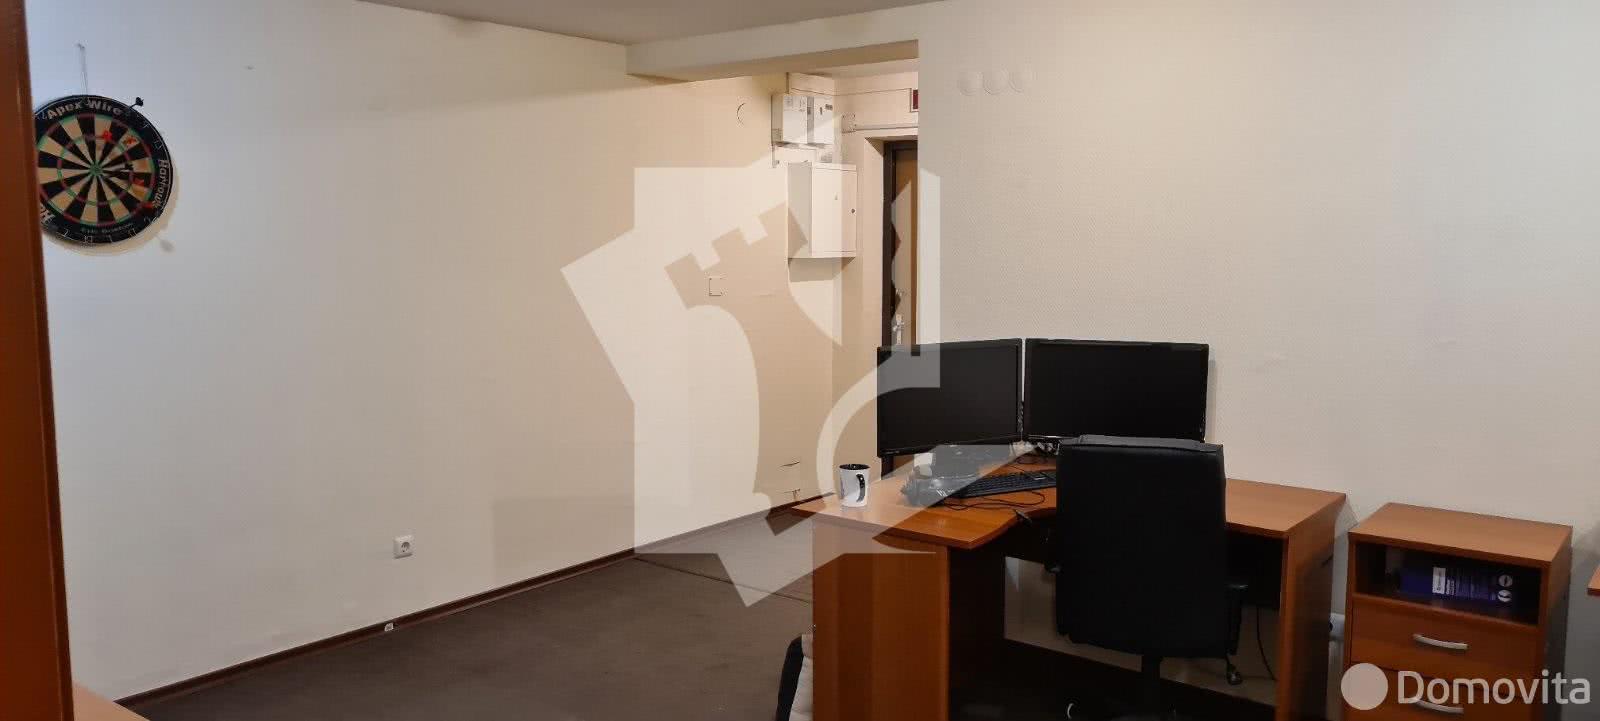 Аренда офиса на ул. Захарова, д. 50В в Минске - фото 4